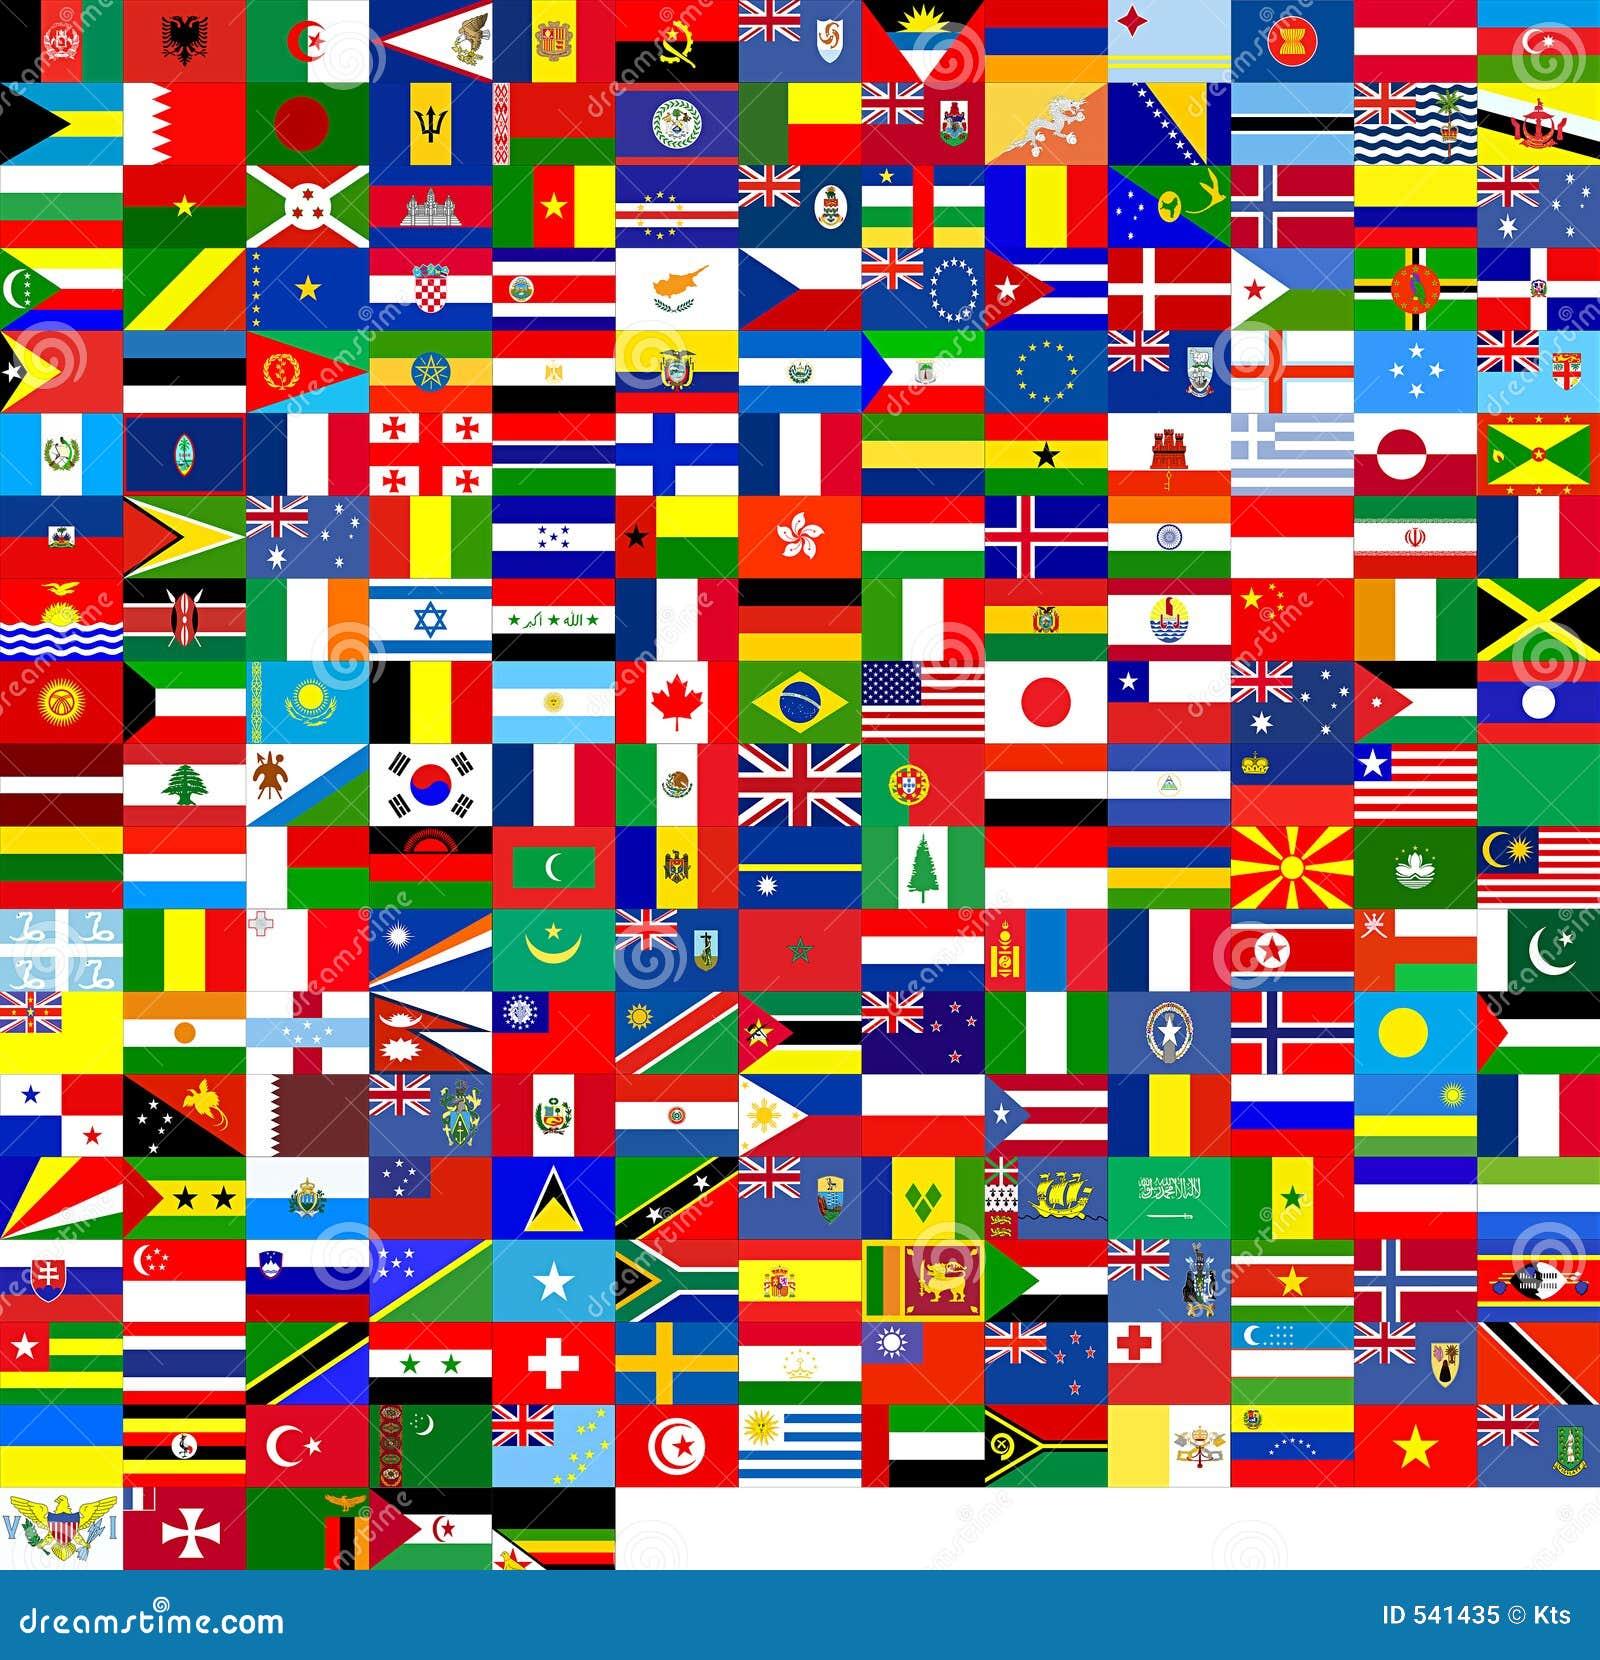 Vlaggen van de wereld (240 vlaggen)